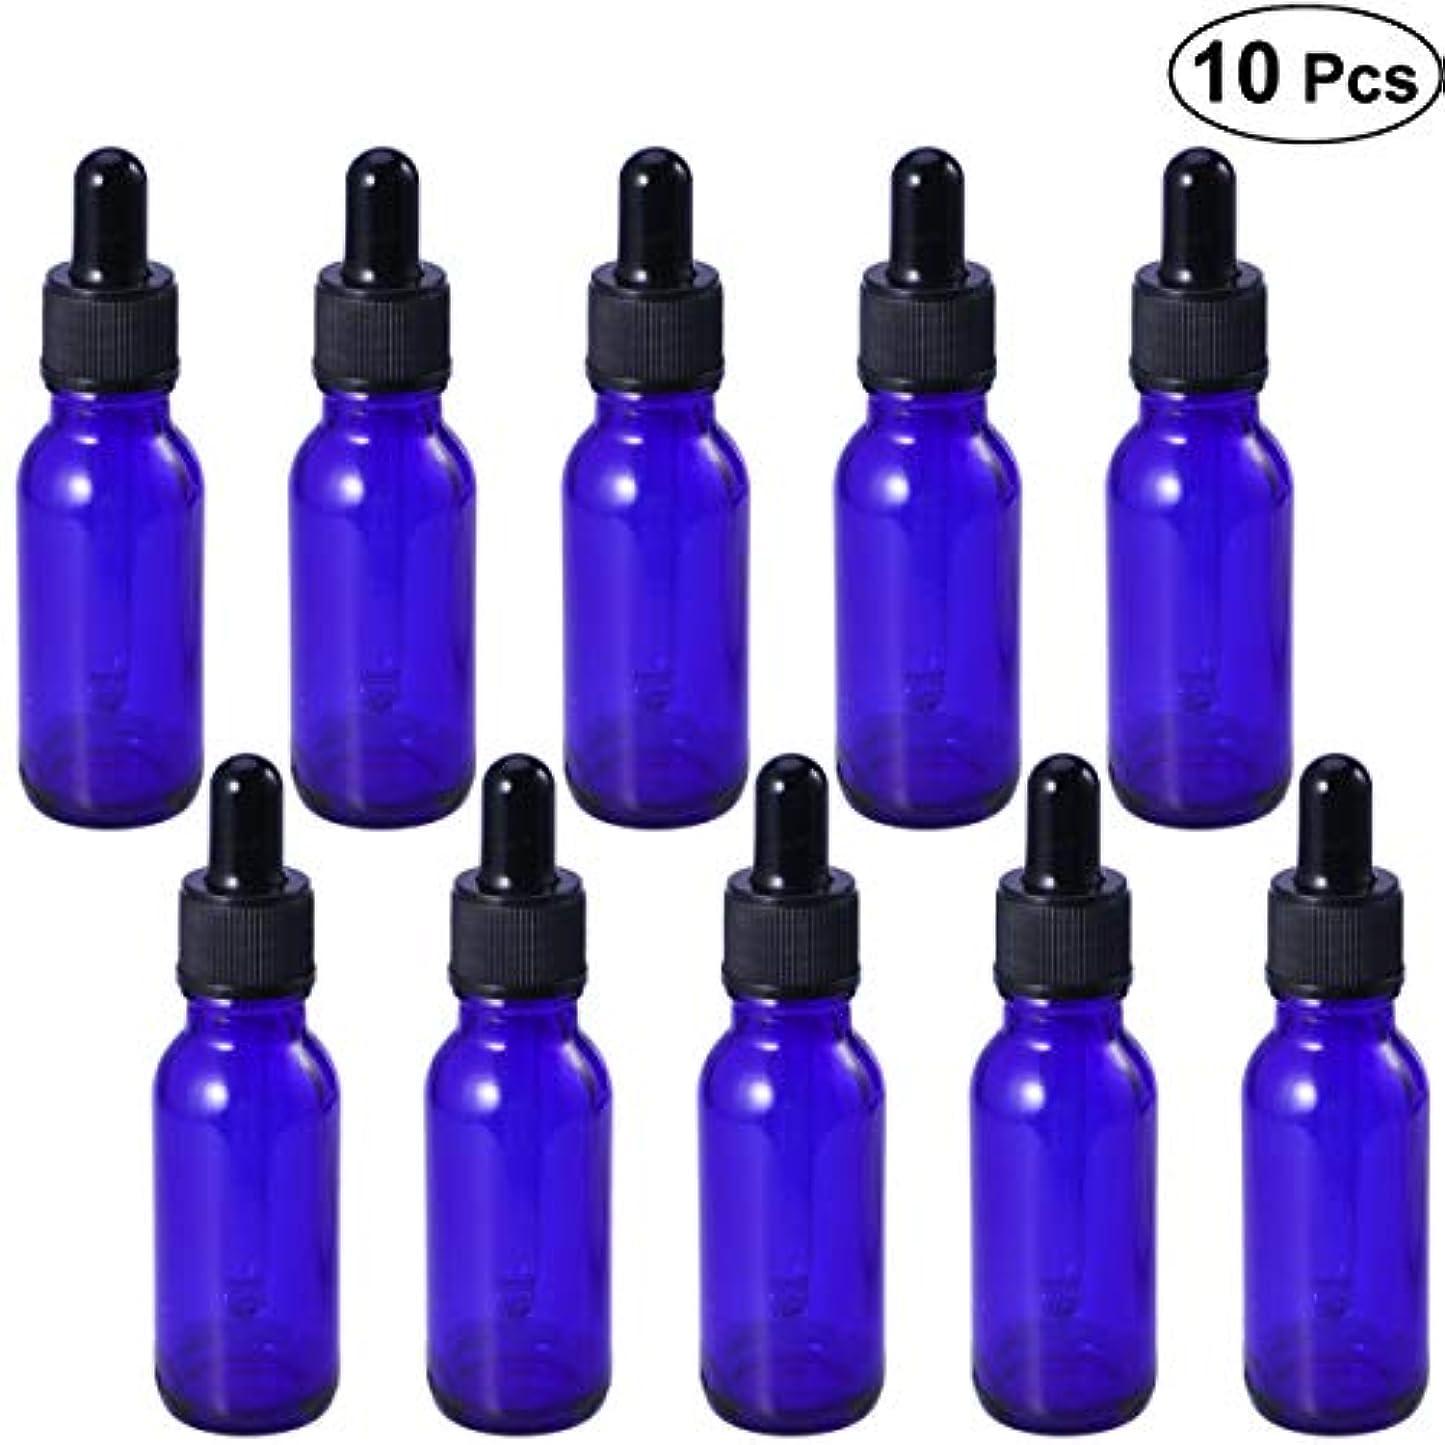 緊急ネコ例Frcolor 遮光瓶 スポイト遮光瓶 20ml 青色 スポイト付き アロマボトル 保存容器 エッセンシャルオイル 香水保存用 詰替え ガラス 10個セット